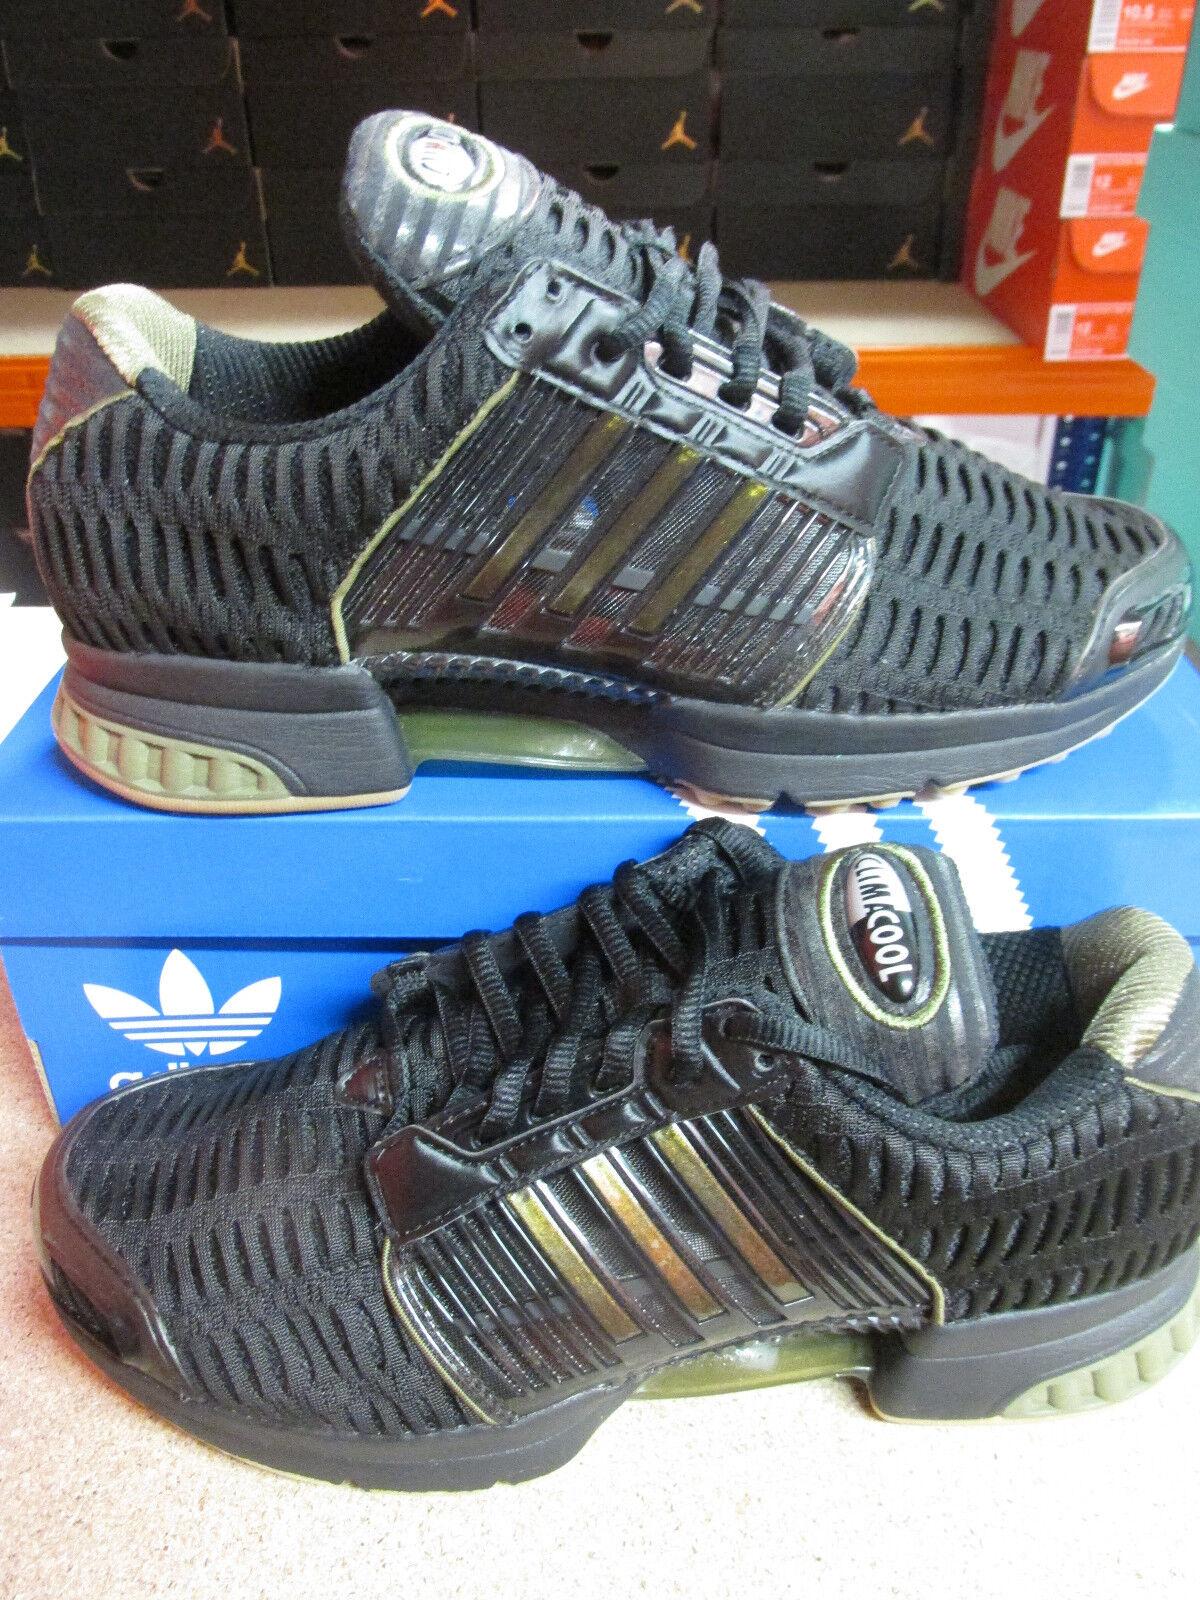 adidas originaux ombre   en baskets baskets en cp8684 tubulaires de formateurs 4114a8